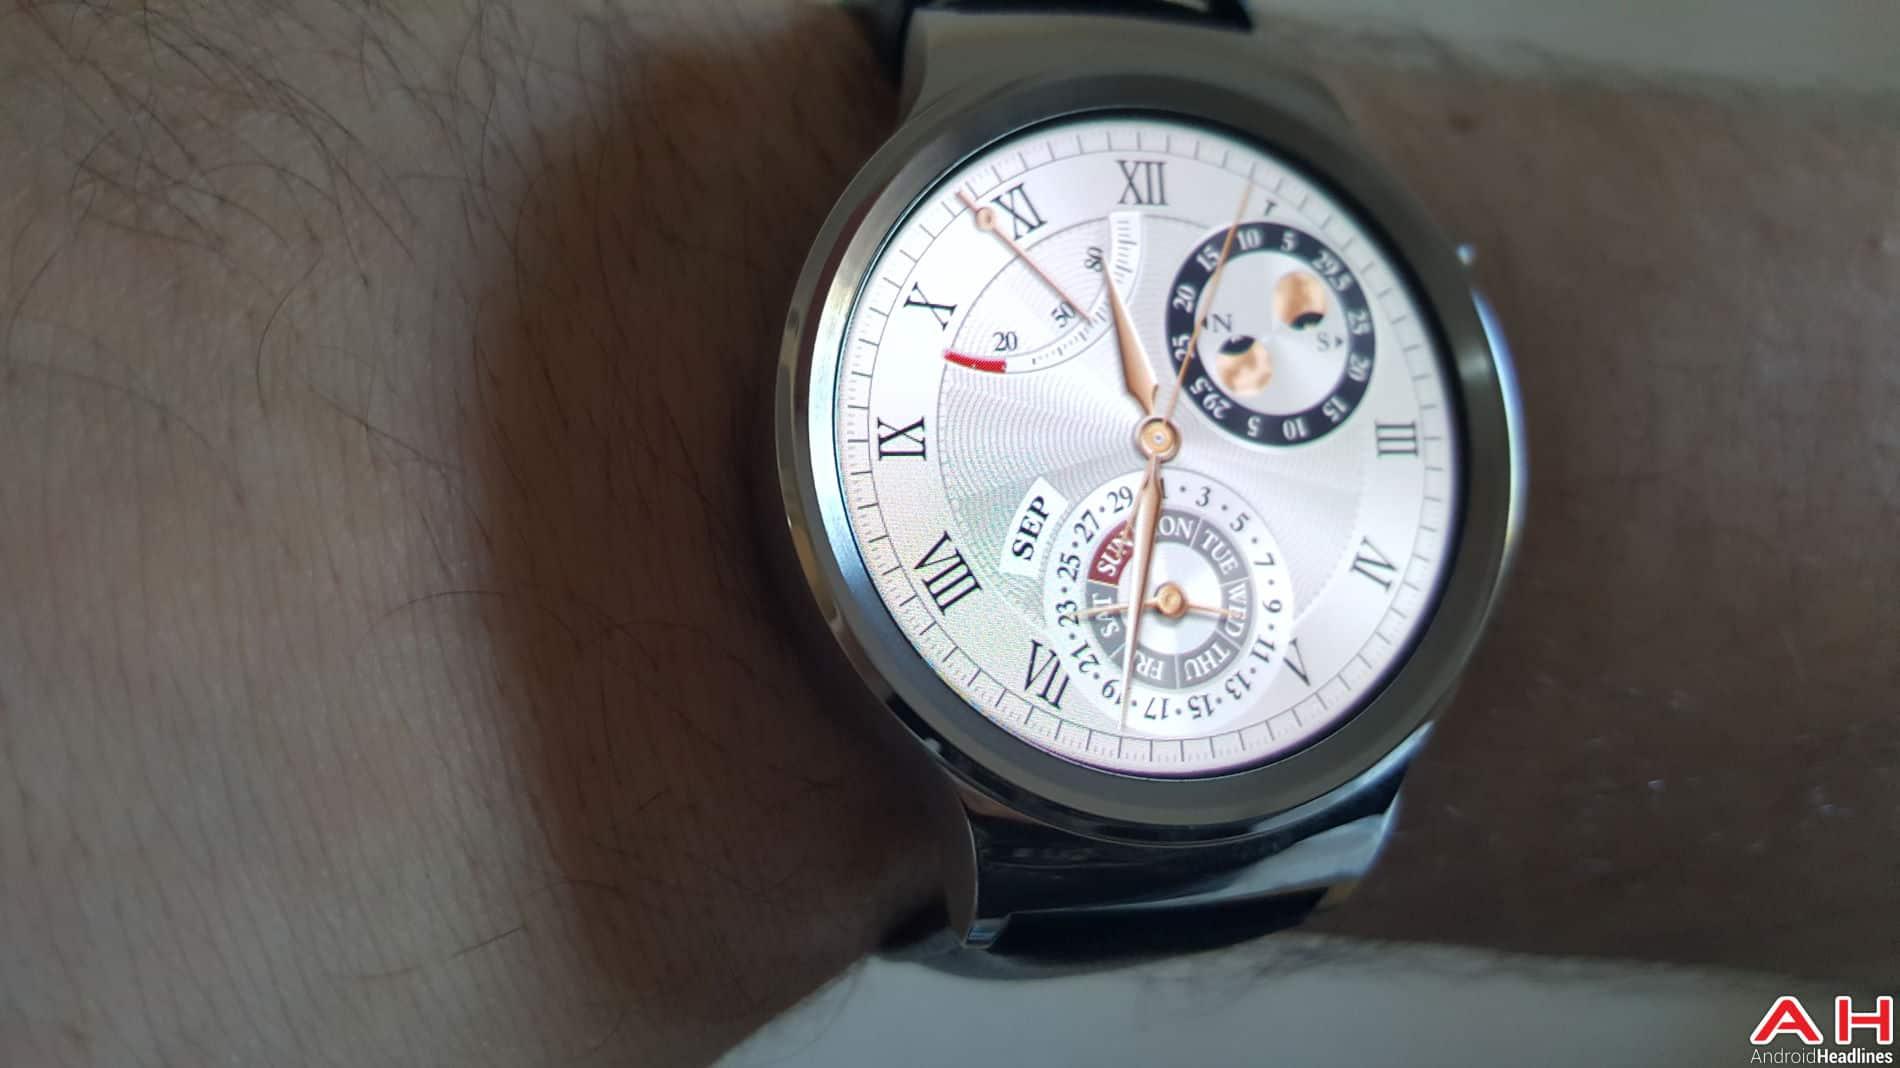 Huawei Watch AH 181